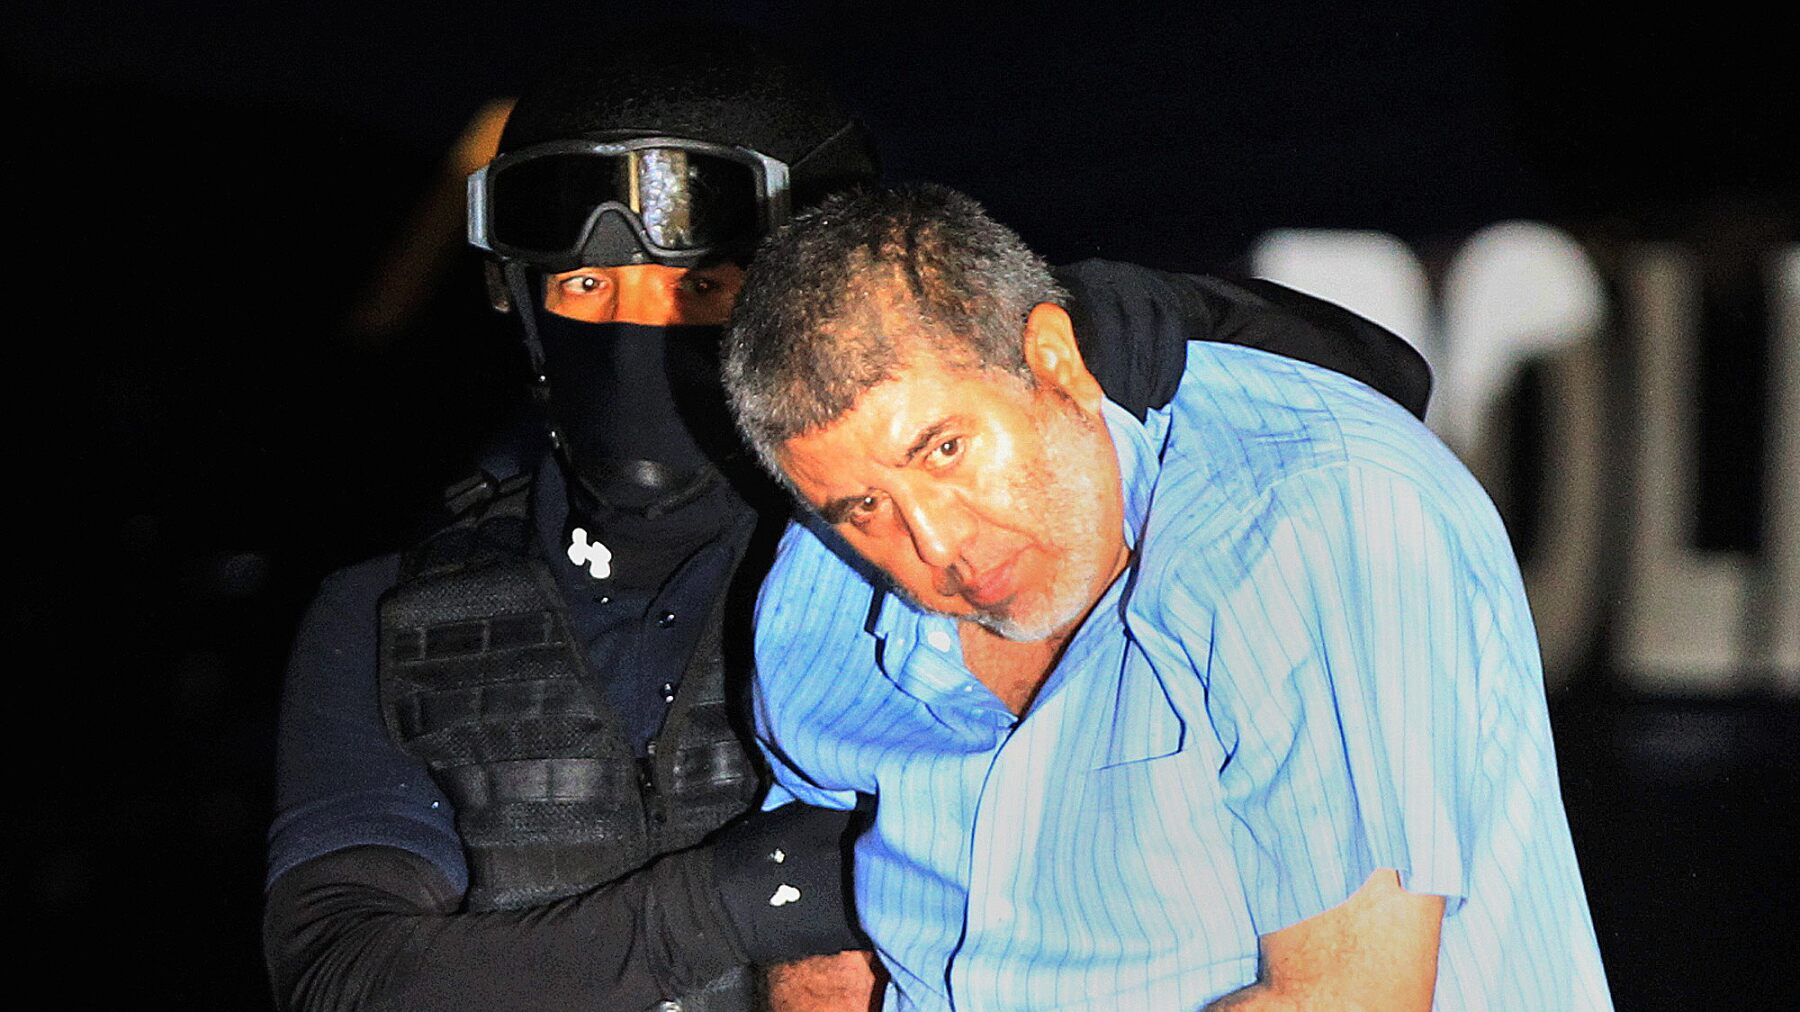 Vicente Carrillo era uno de los últimos líderes del cártel de Juárez antes de su detención en 2014.